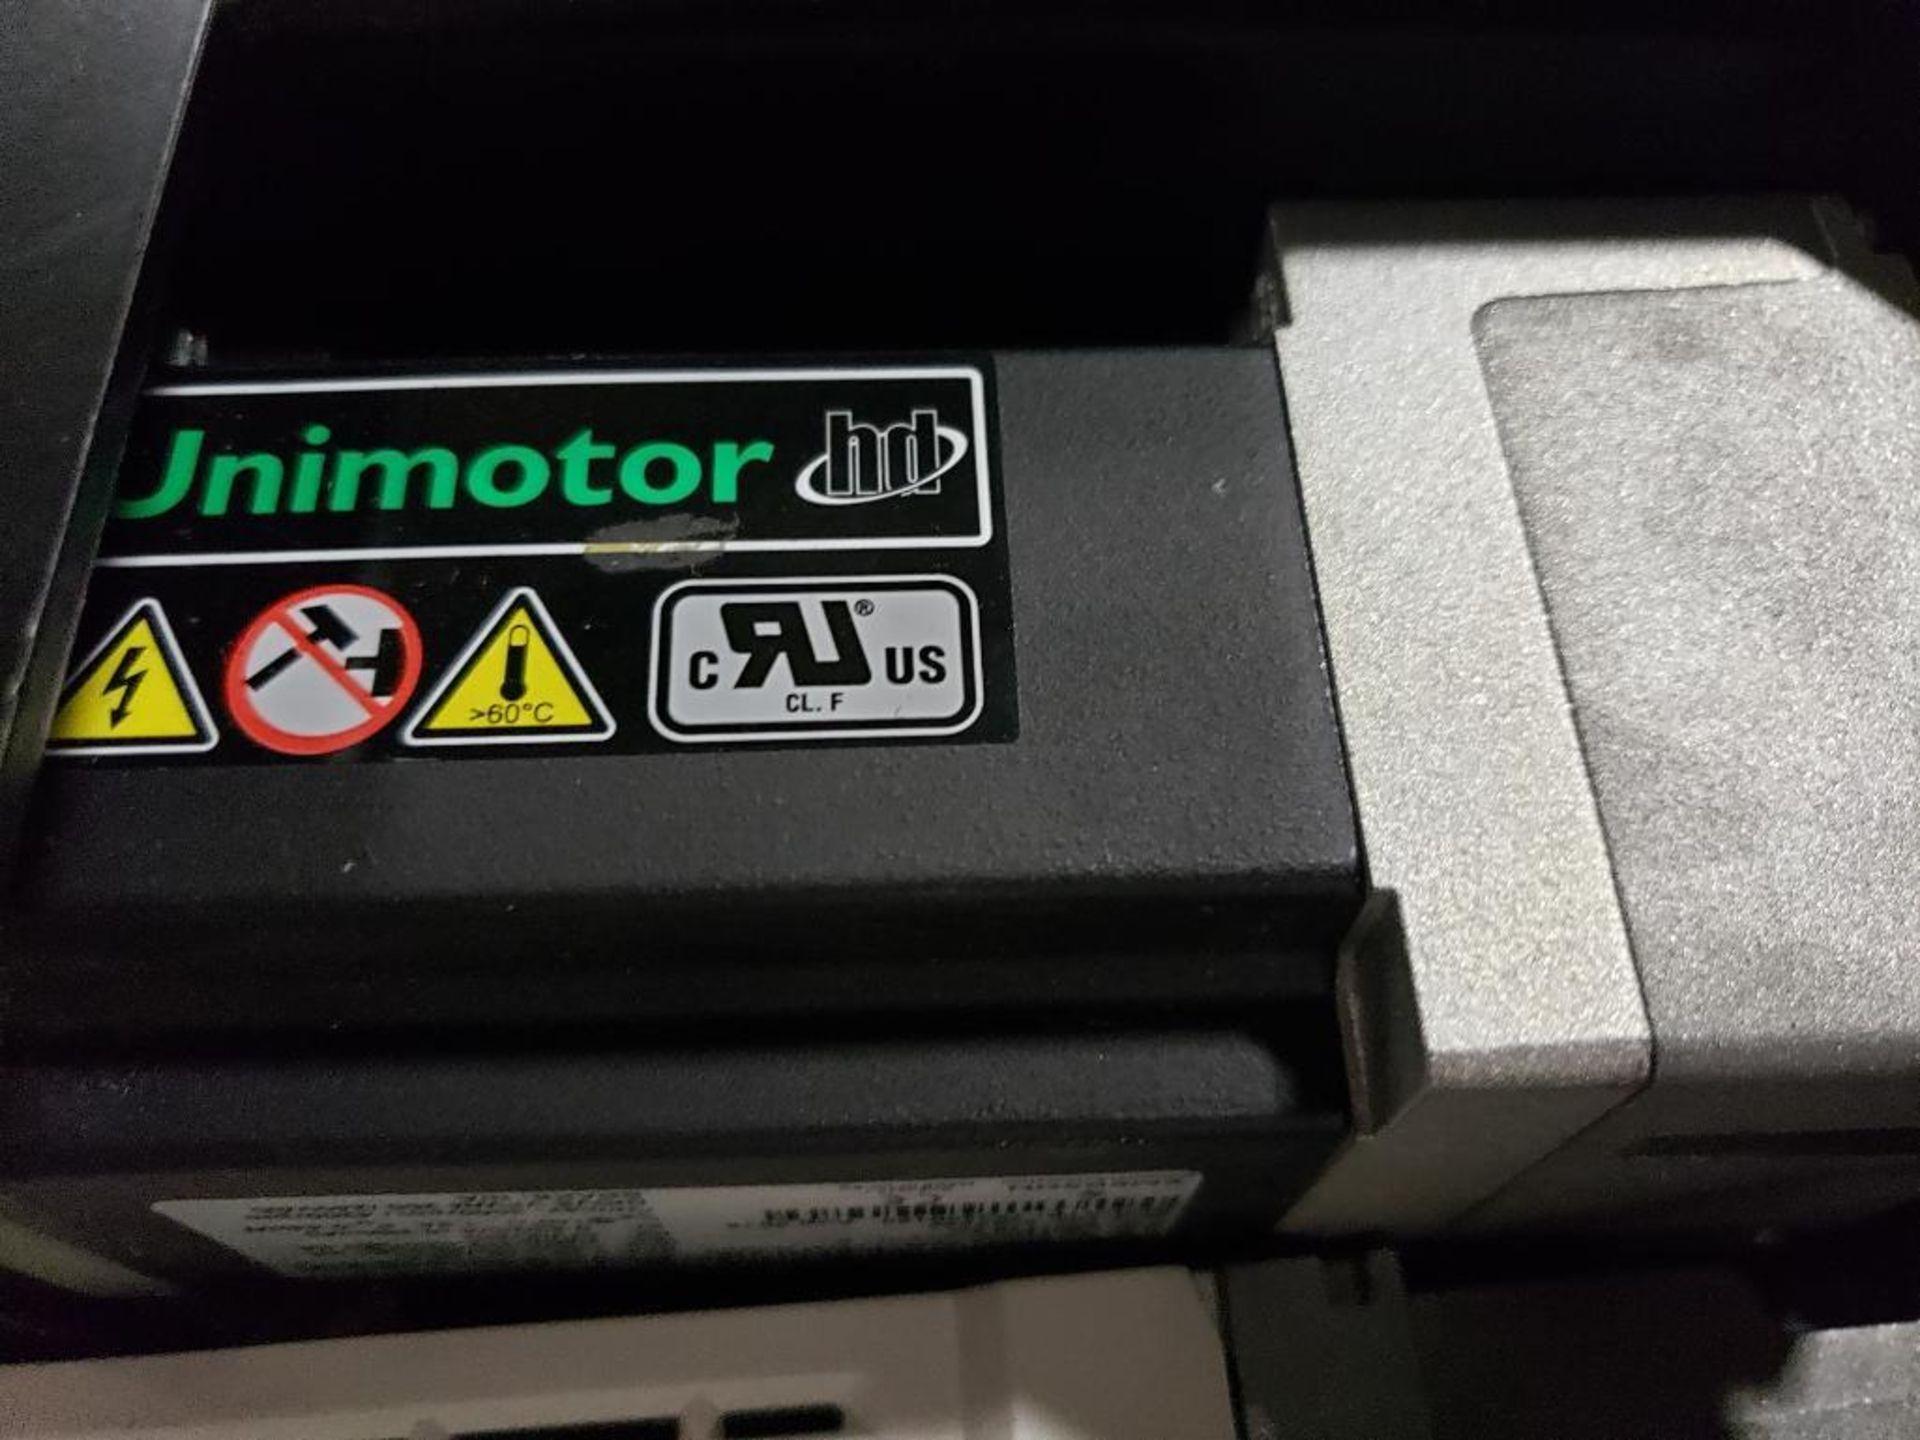 Travel test diagnostic Emerson drive unit. Emerson control Techniques DCM700. Unidrive M701. - Image 4 of 21